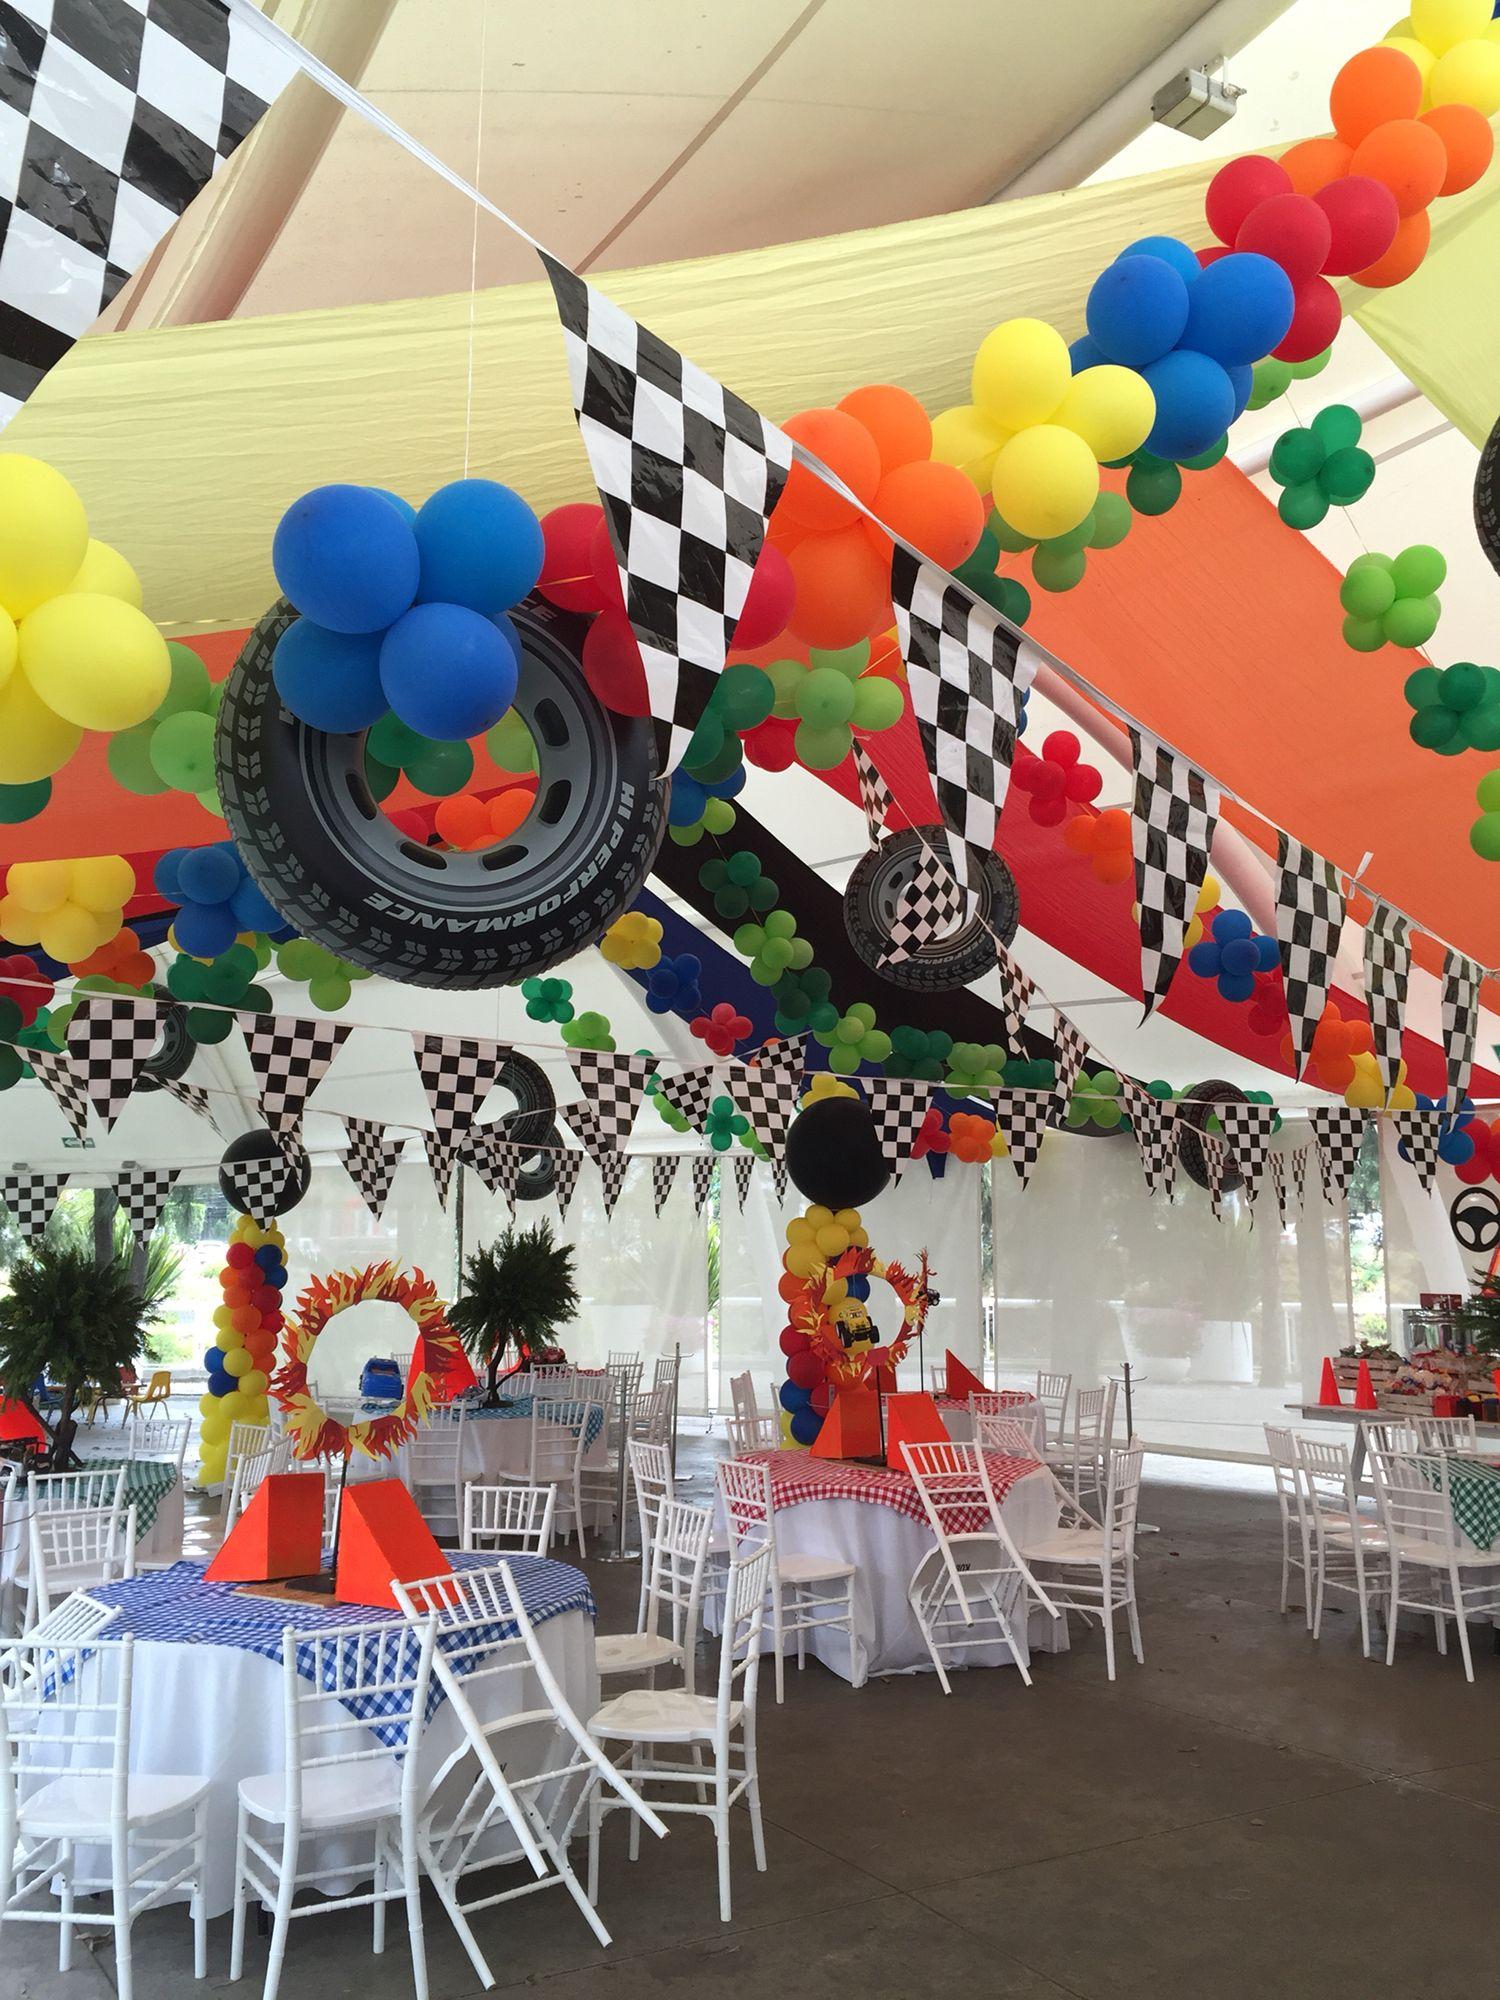 Decoraci n fiesta hot wheels con encanto by marita for Decoracion con encanto